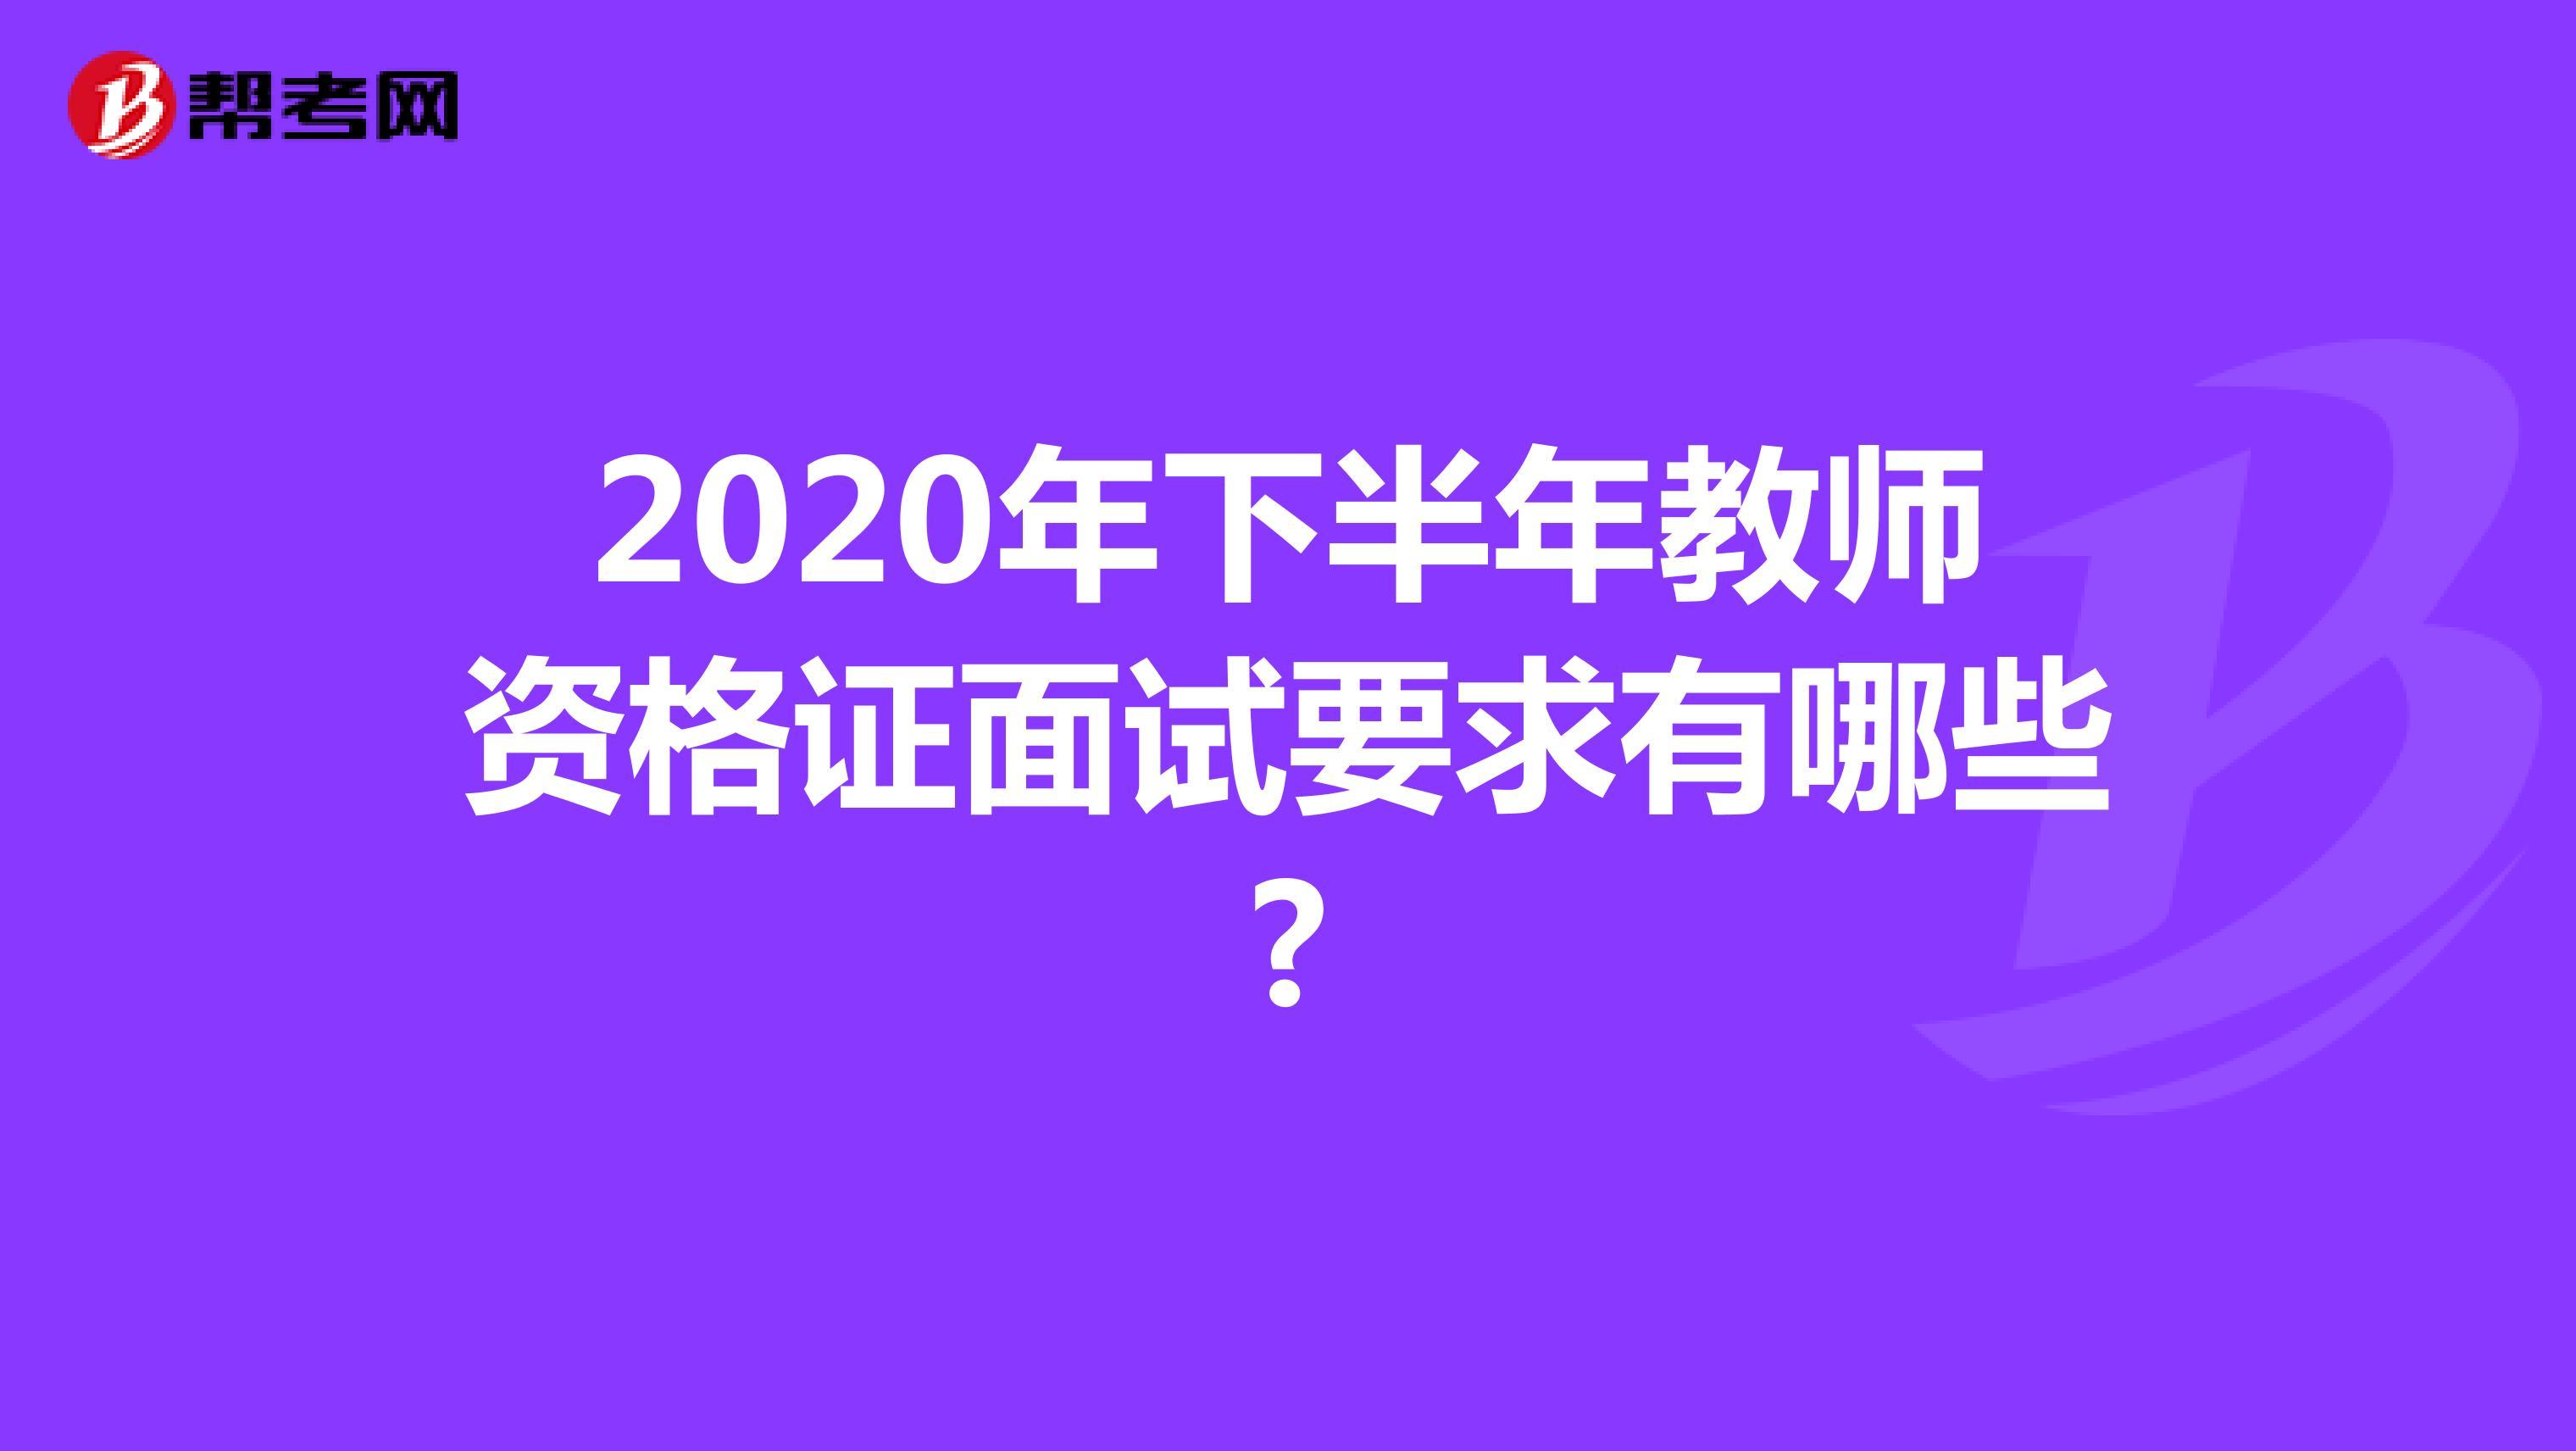 2020年下半年教师资格证面试要求有哪些?